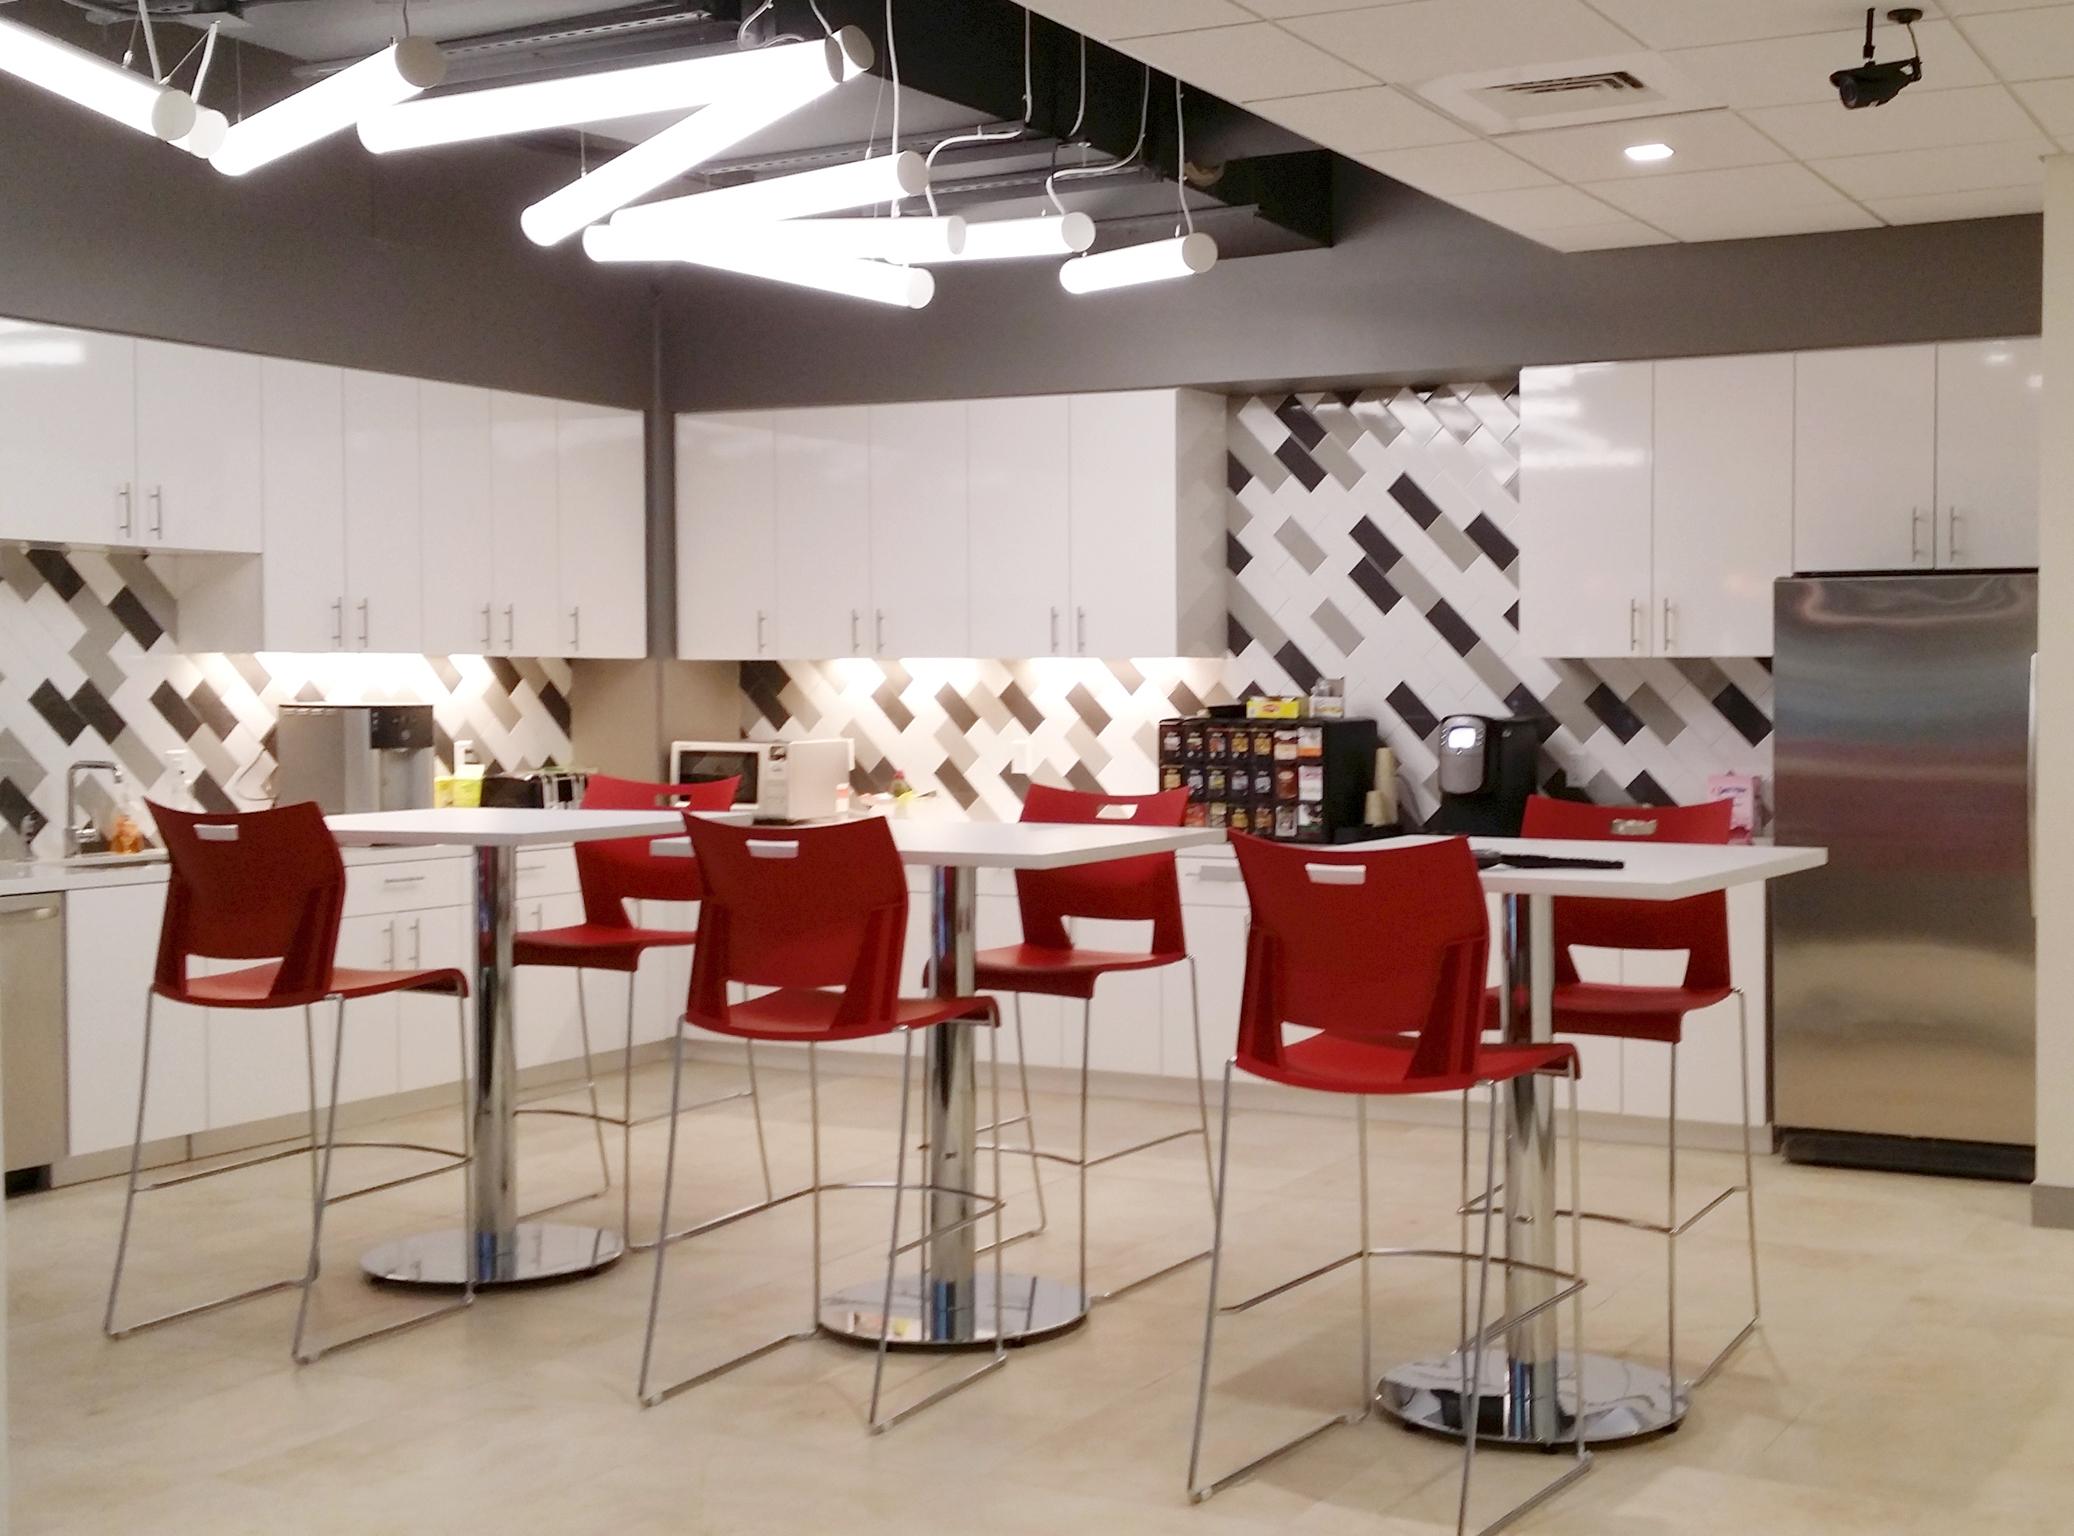 _cafe seating_Edit.jpg